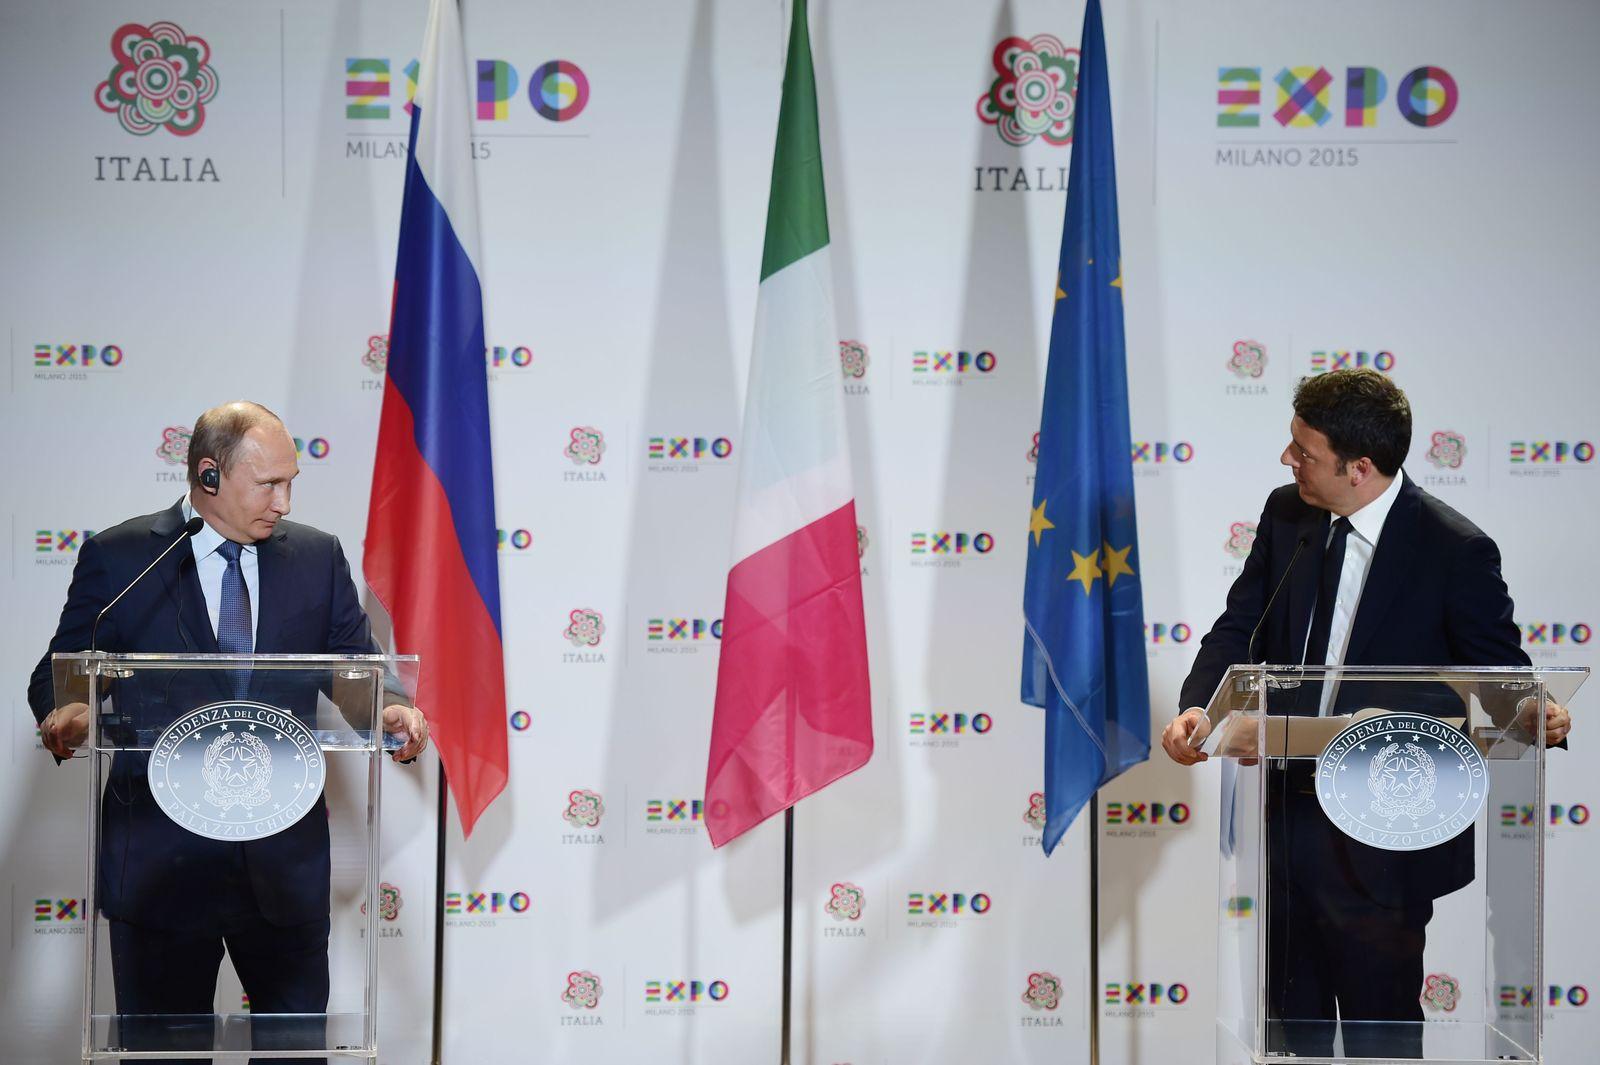 Vladimir Putin/ Matteo Renzi